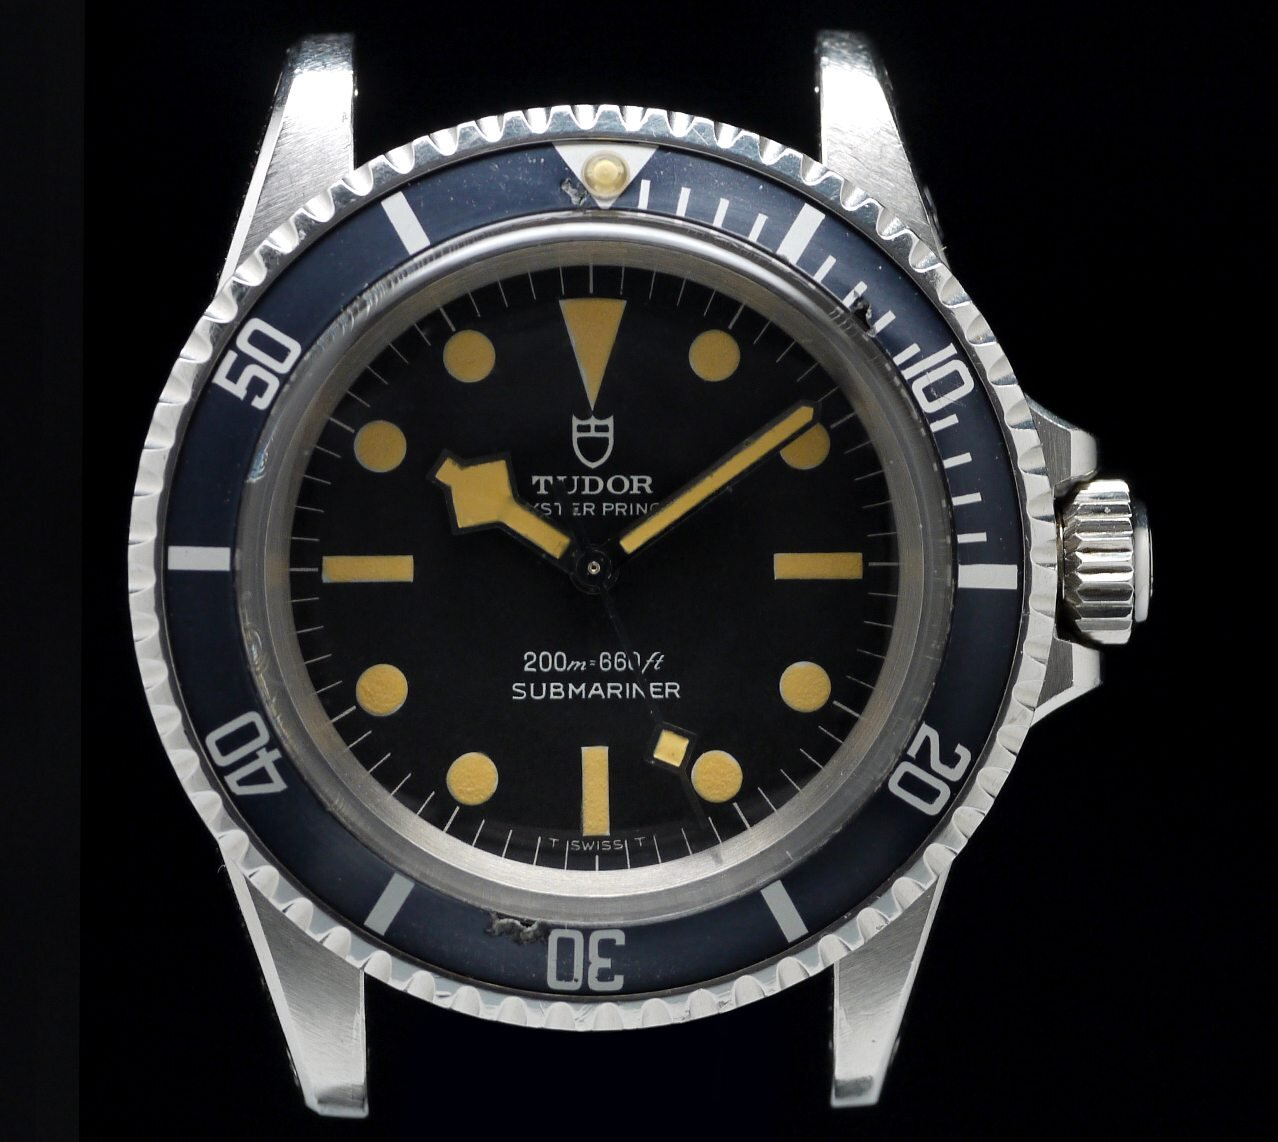 Tudor Submariner Ref 7016 |  Rolex Passion Market